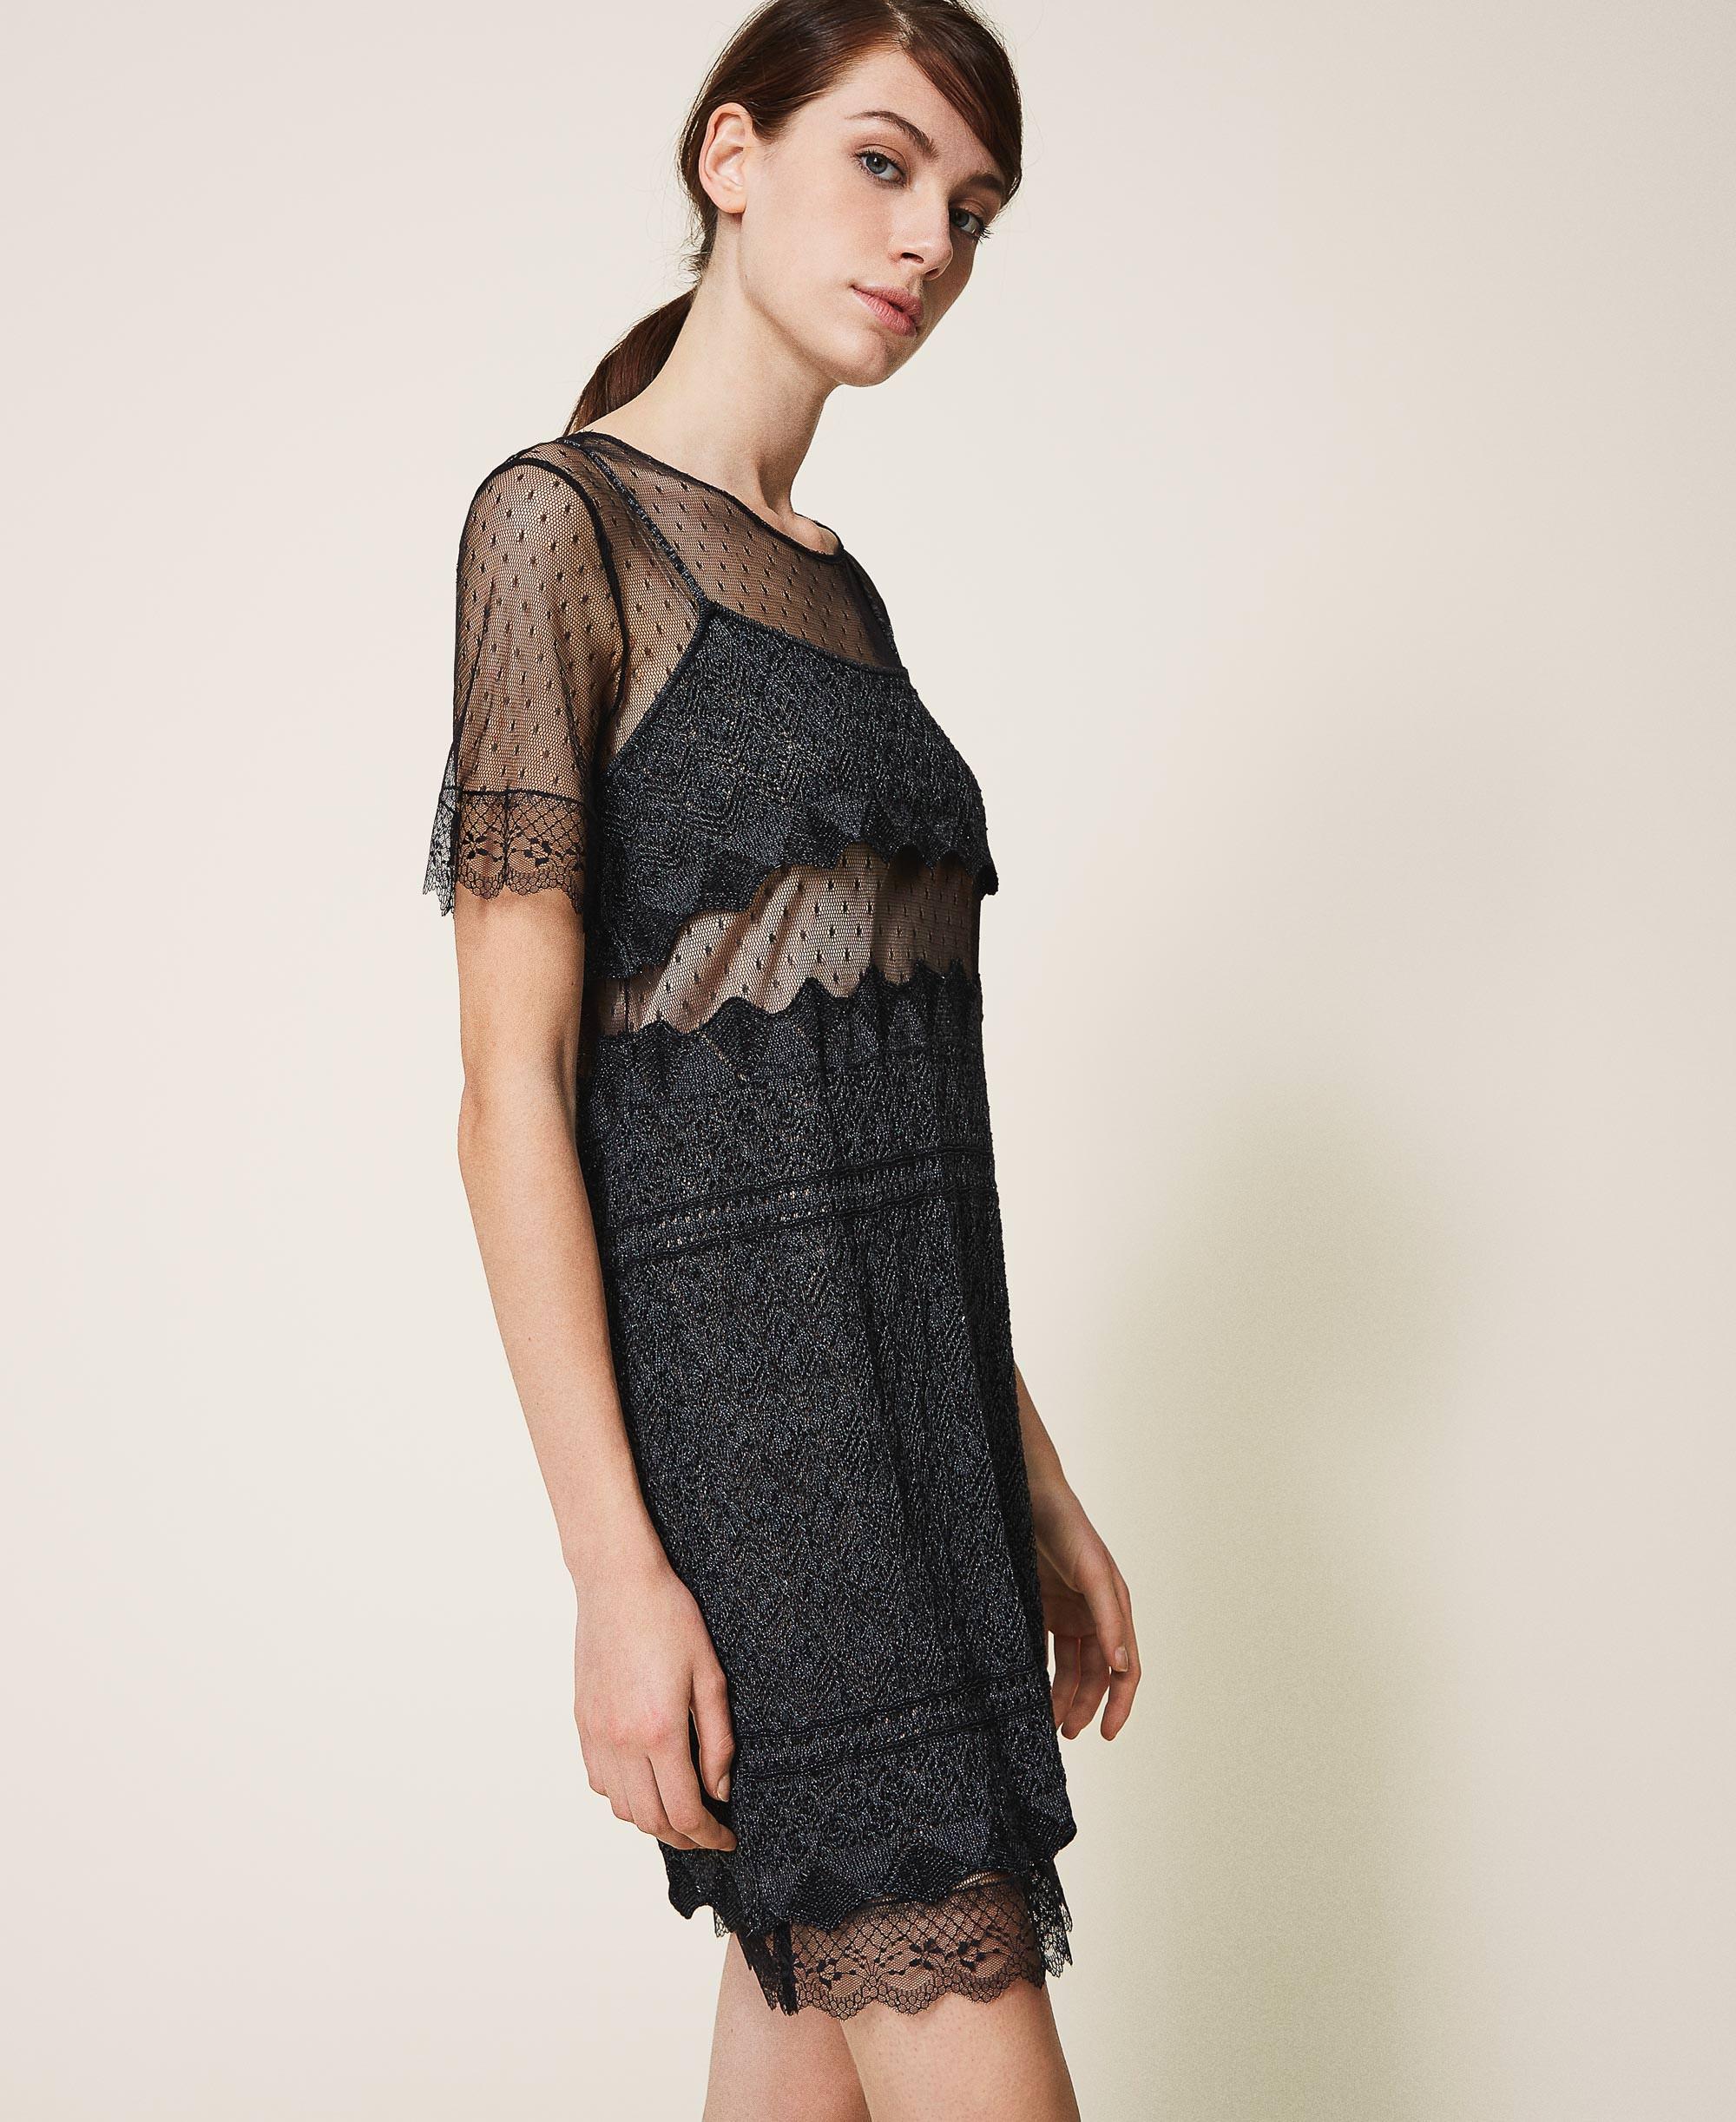 Kleid aus Strick in Spitzenoptik mit Tüll Frau, Schwarz  TWINSET